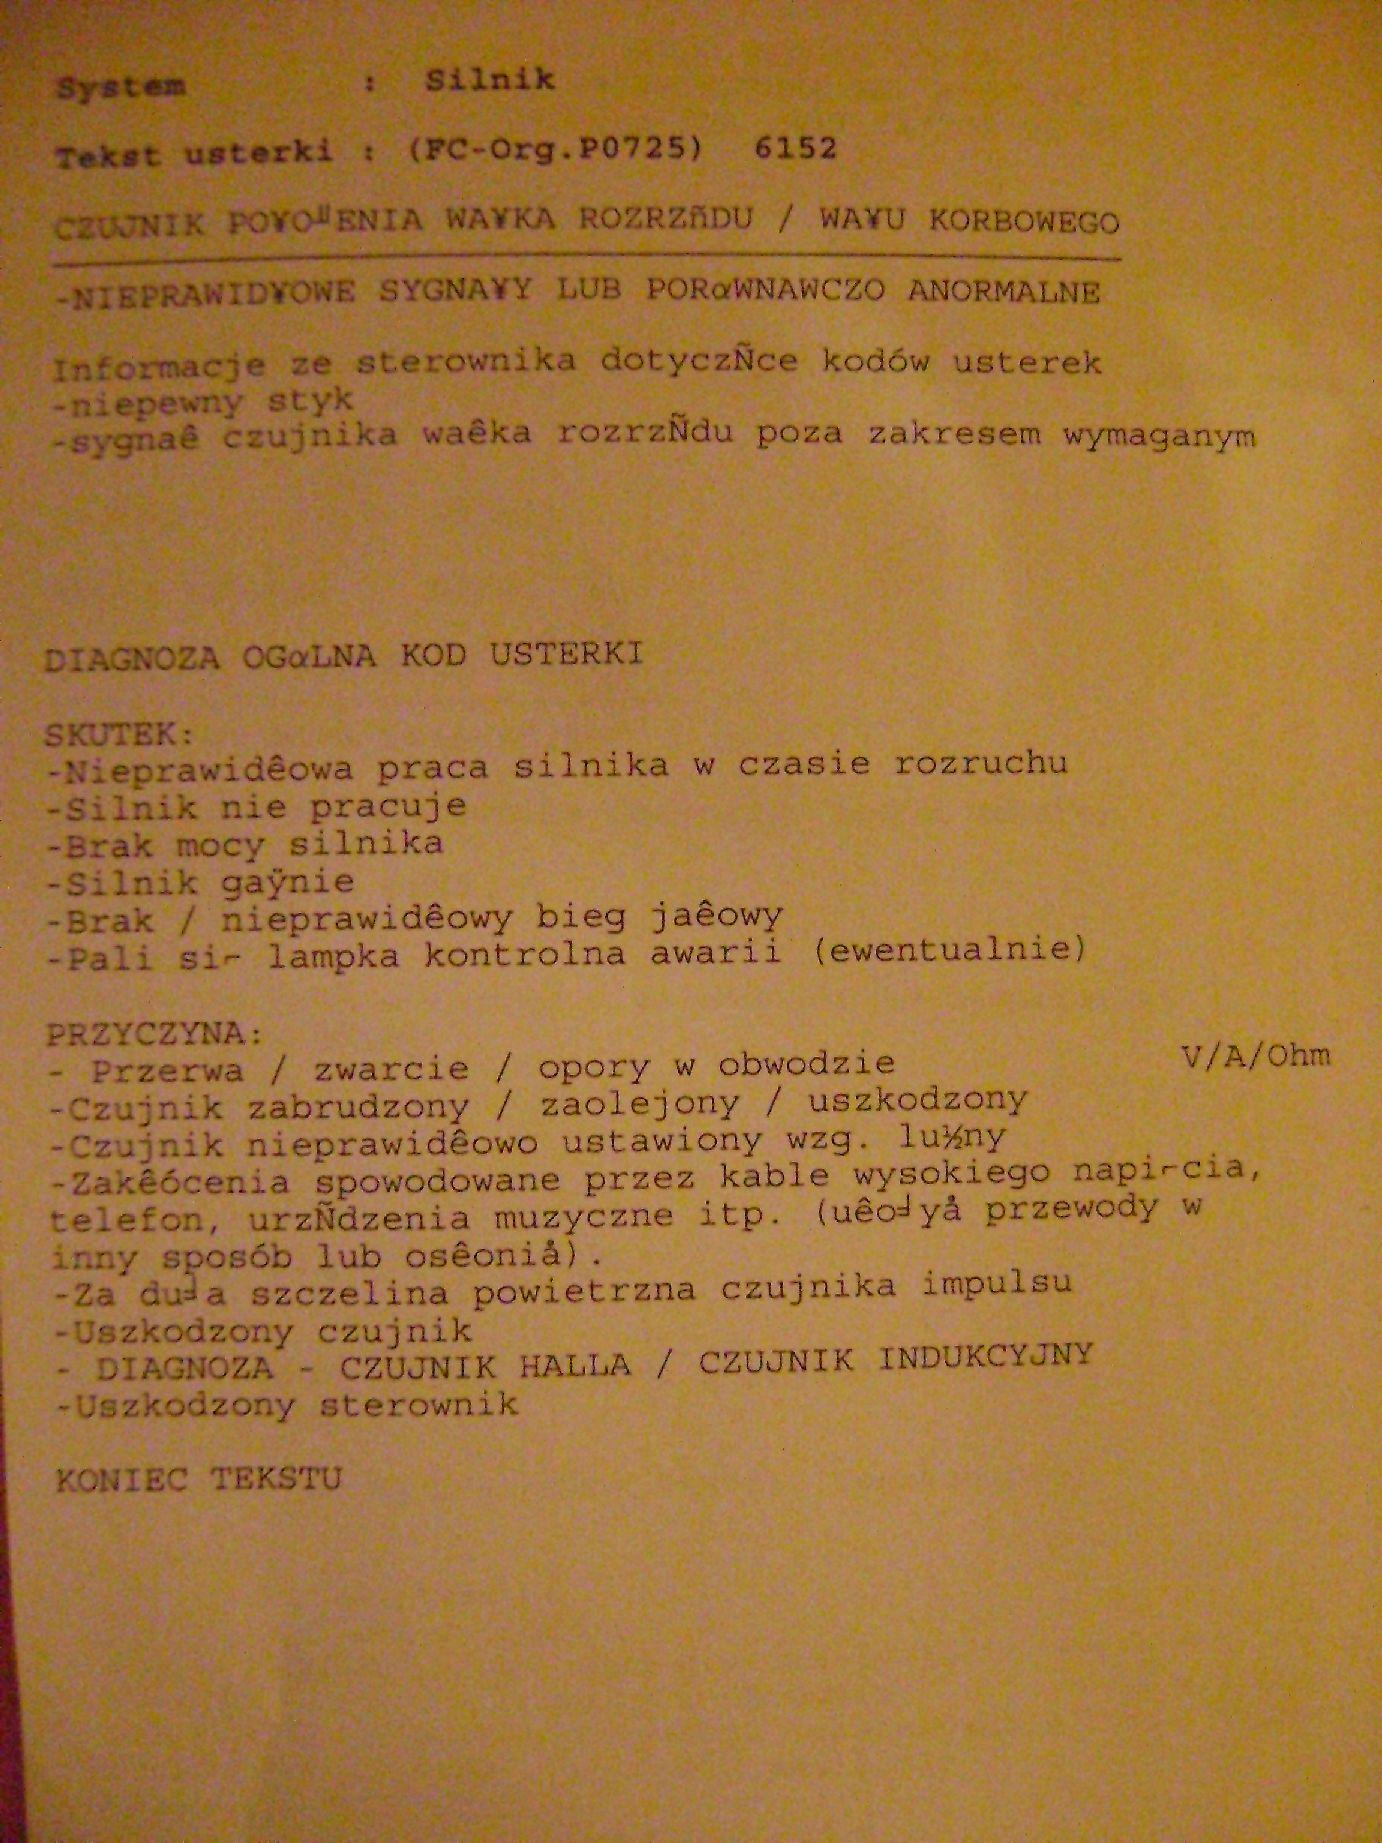 Opel Vivaro 1.9 2004 - nie odpala na zimnym (fotki kod�w b��d�w)